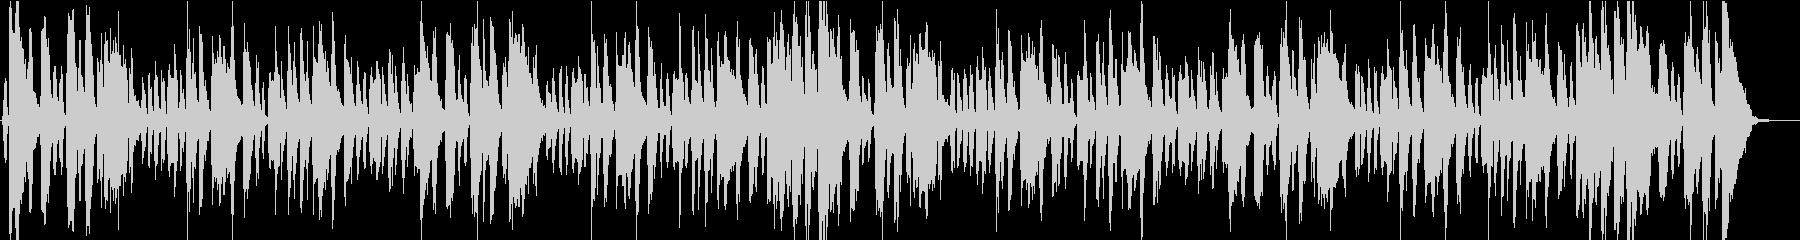 トランペットのファンキーなジングルの未再生の波形